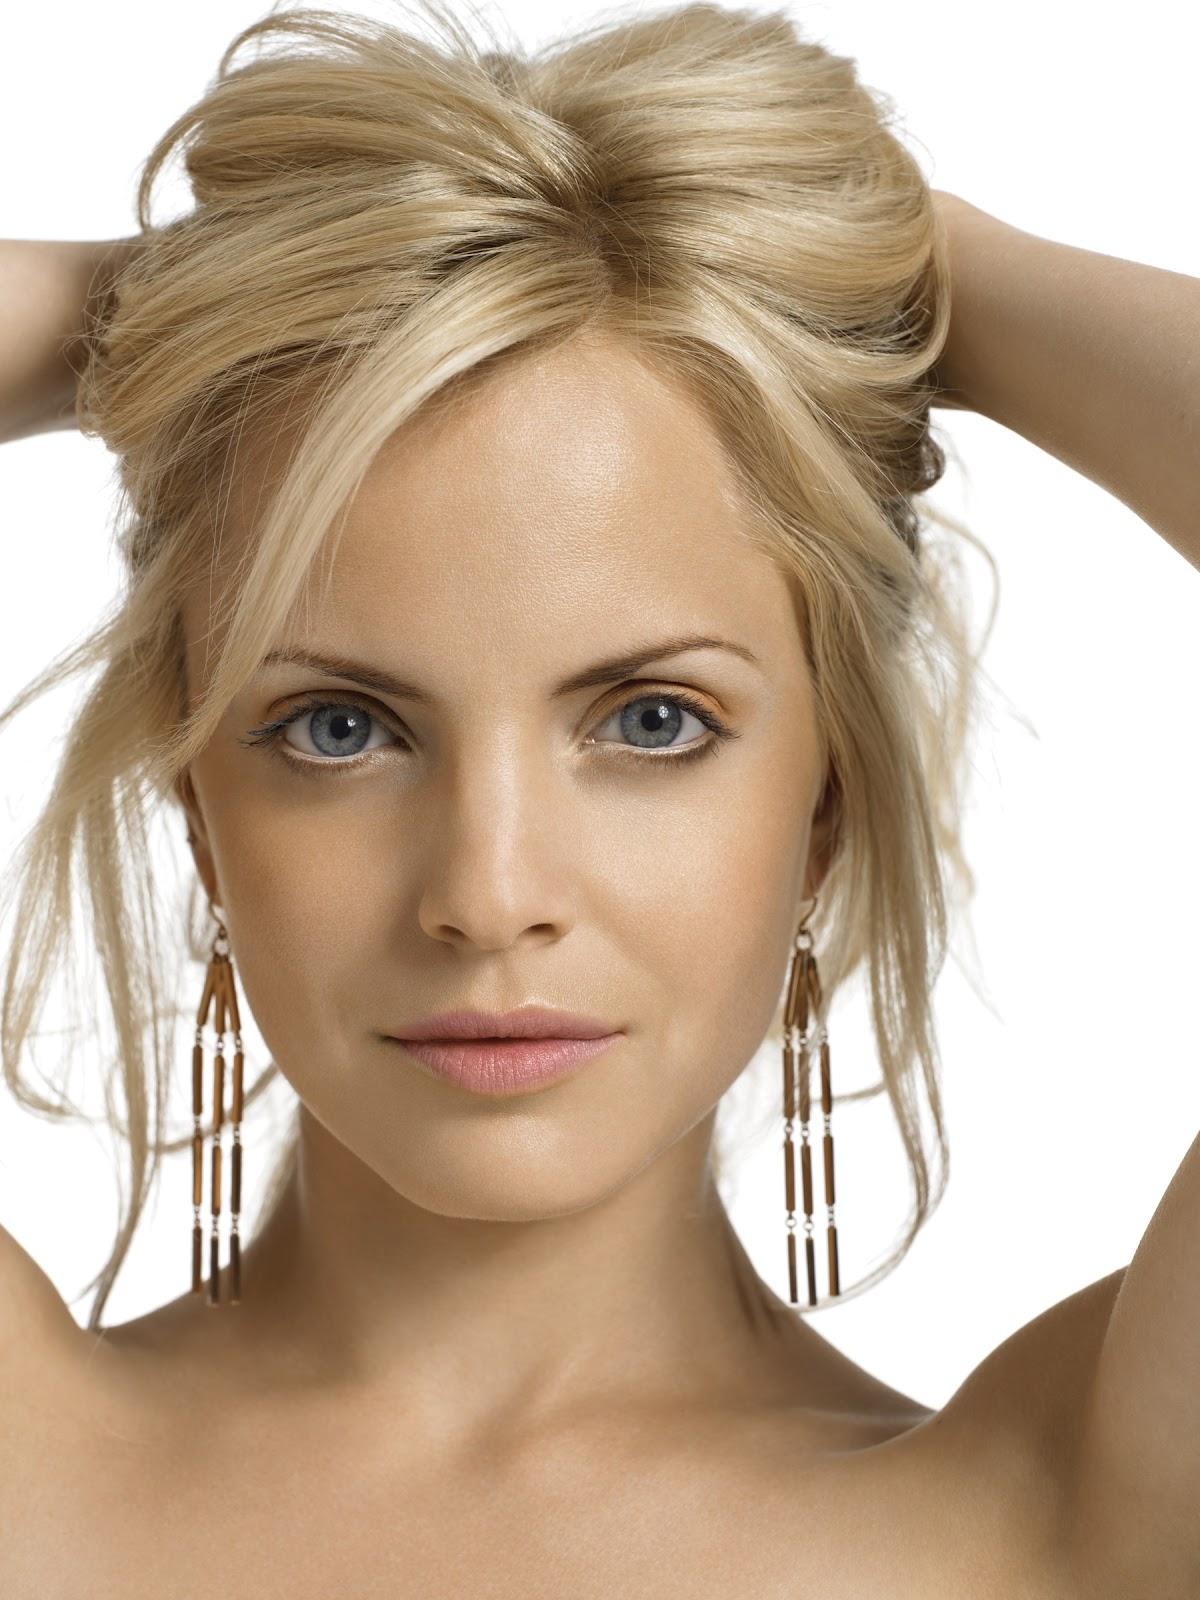 Το τέλειο ξανθό - πως να βάψετε τα μαλλιά σας ξανθά στο σπίτι  316c5a76ffa